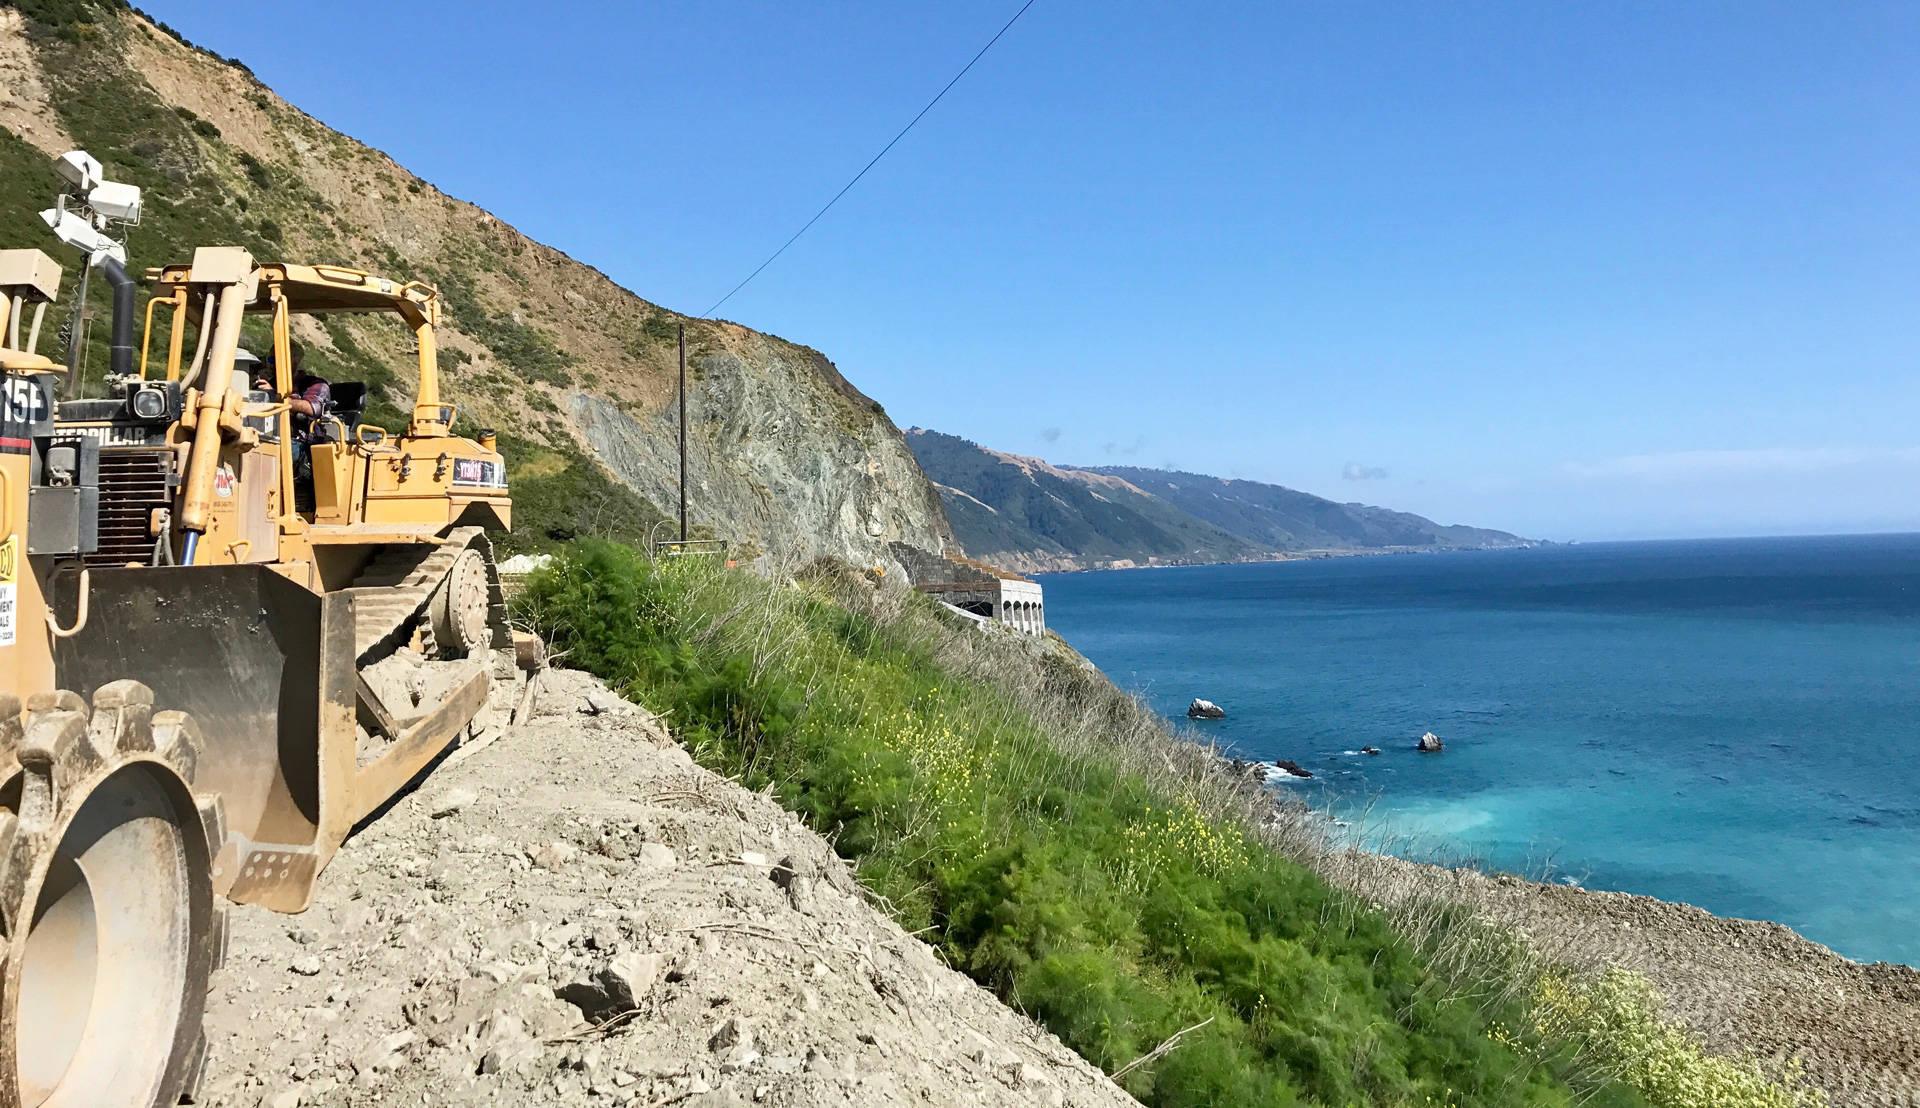 Heavy Equipment Sits Near The Landslide On Highway 1 Near The Bg Sur Hamlet Of Gorda